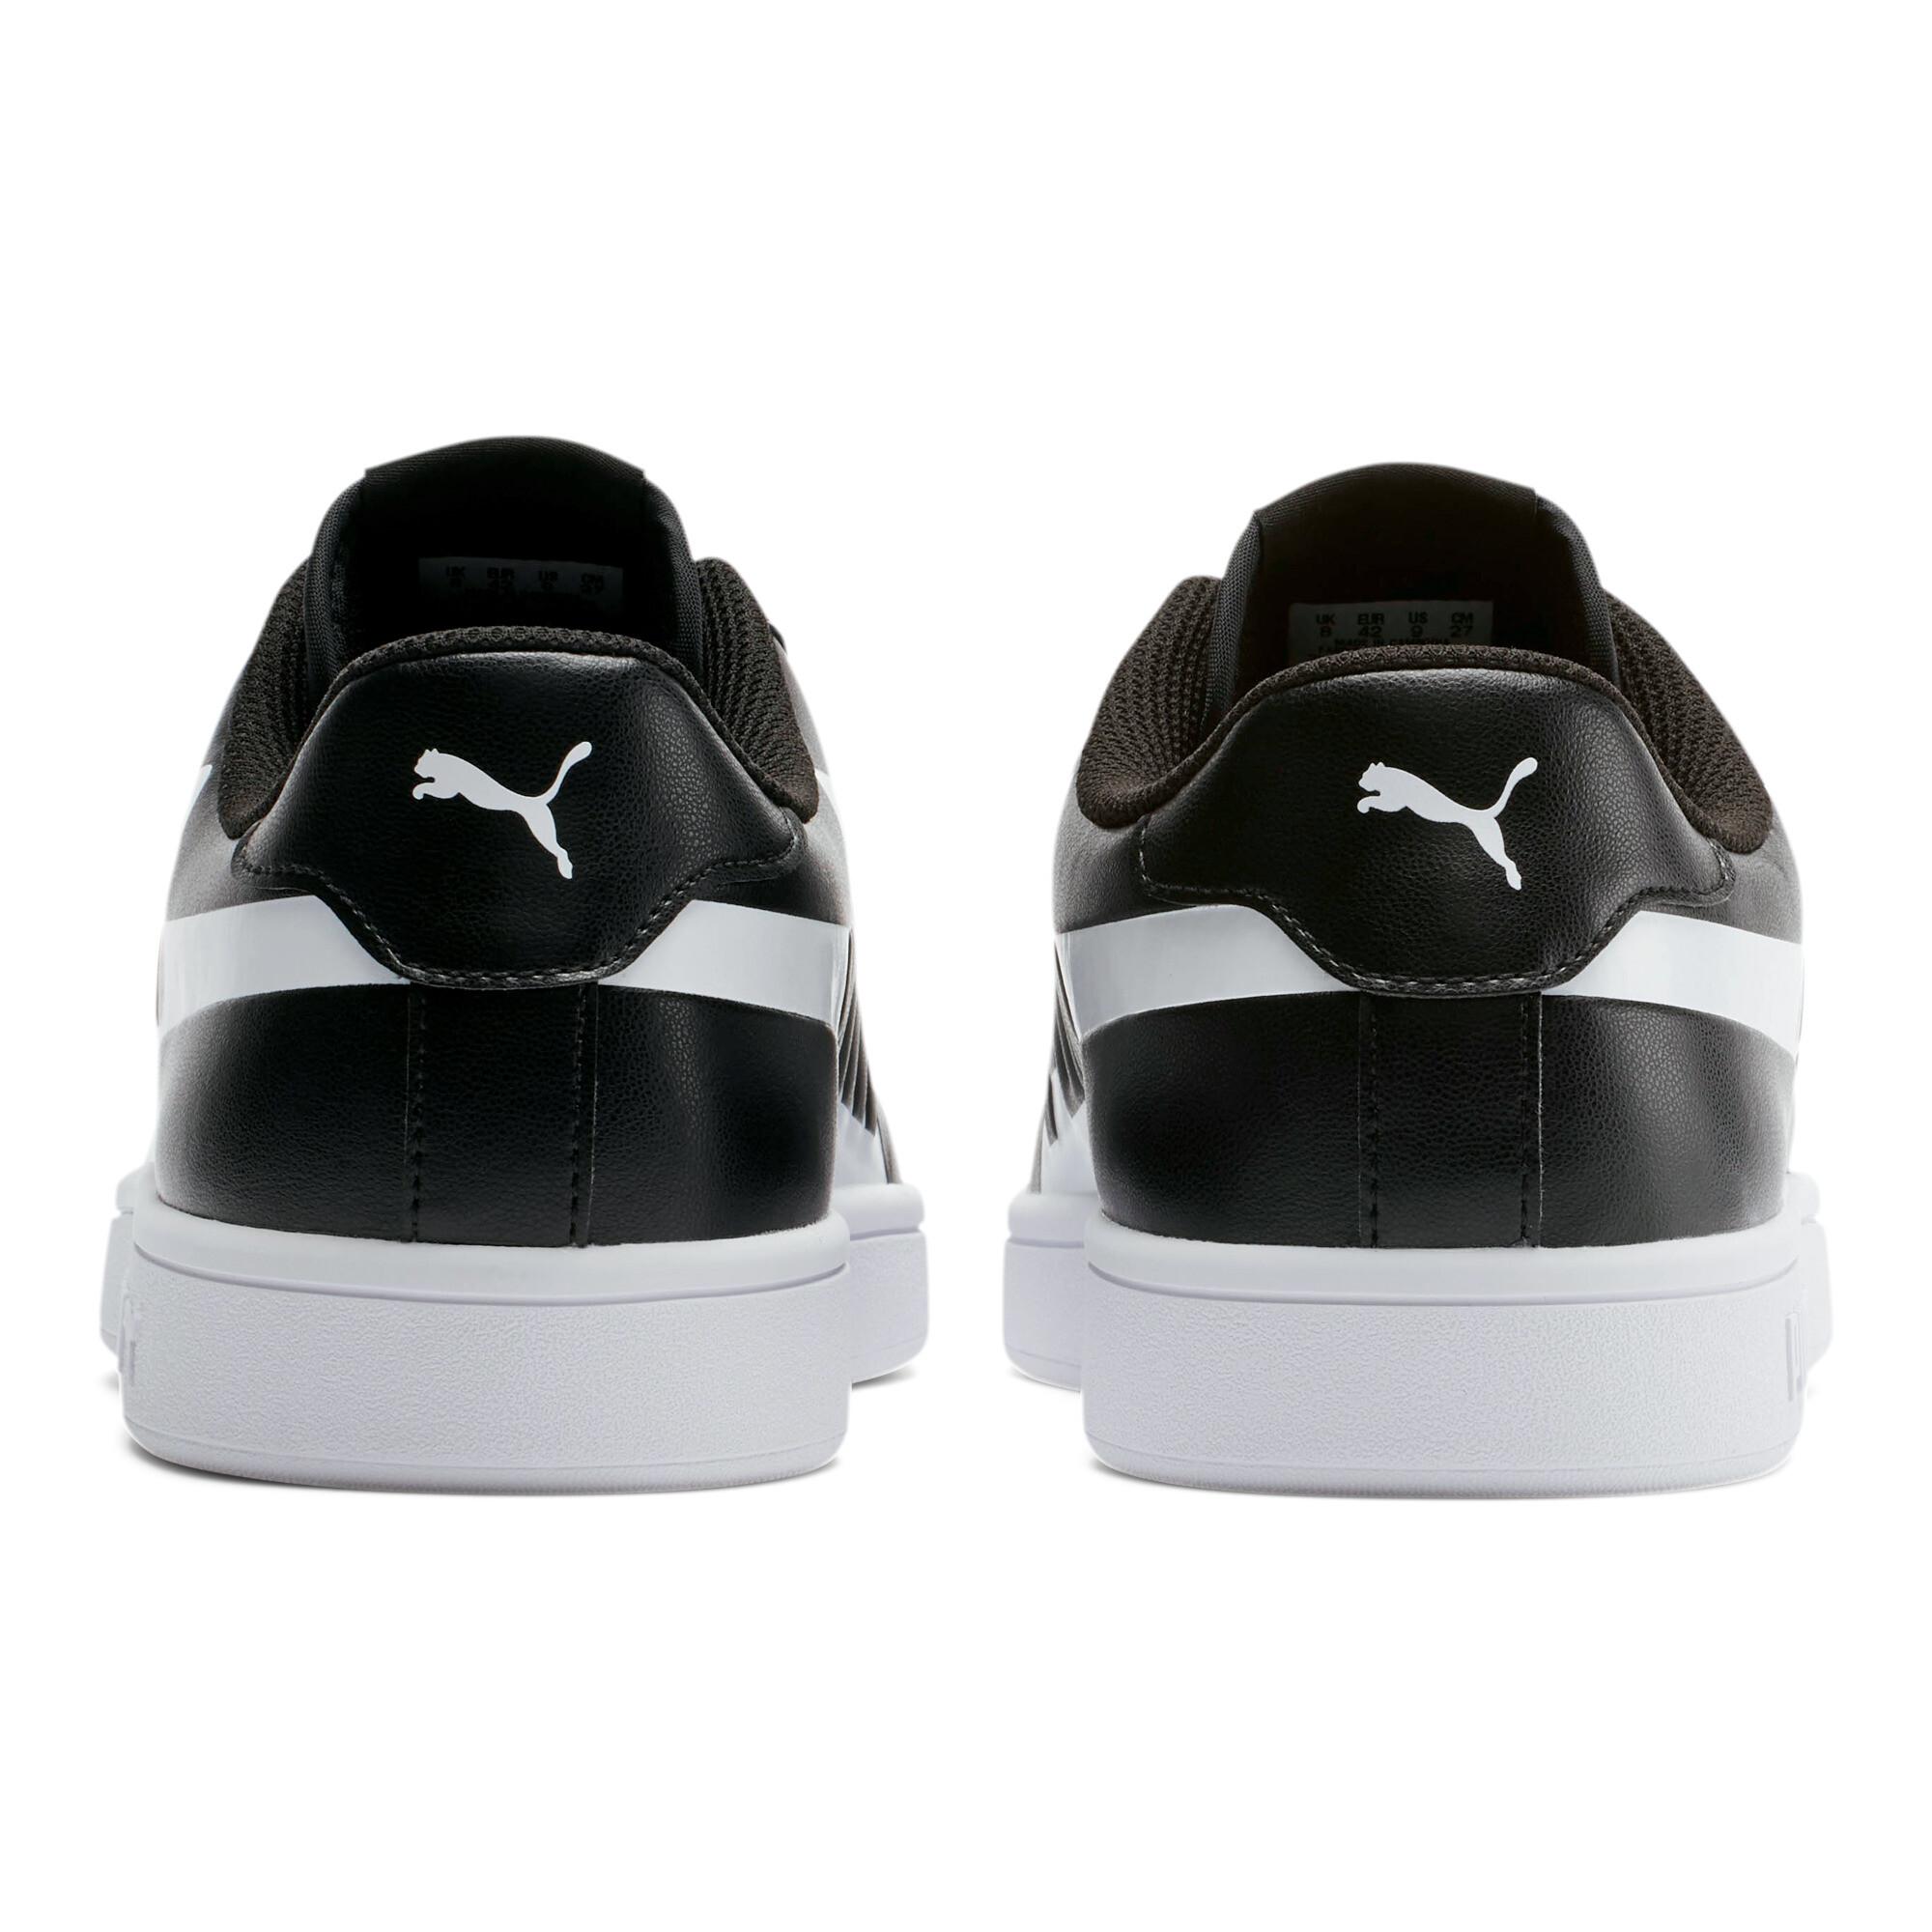 PUMA-PUMA-Smash-v2-Max-Sneakers-Men-Shoe-Basics thumbnail 3